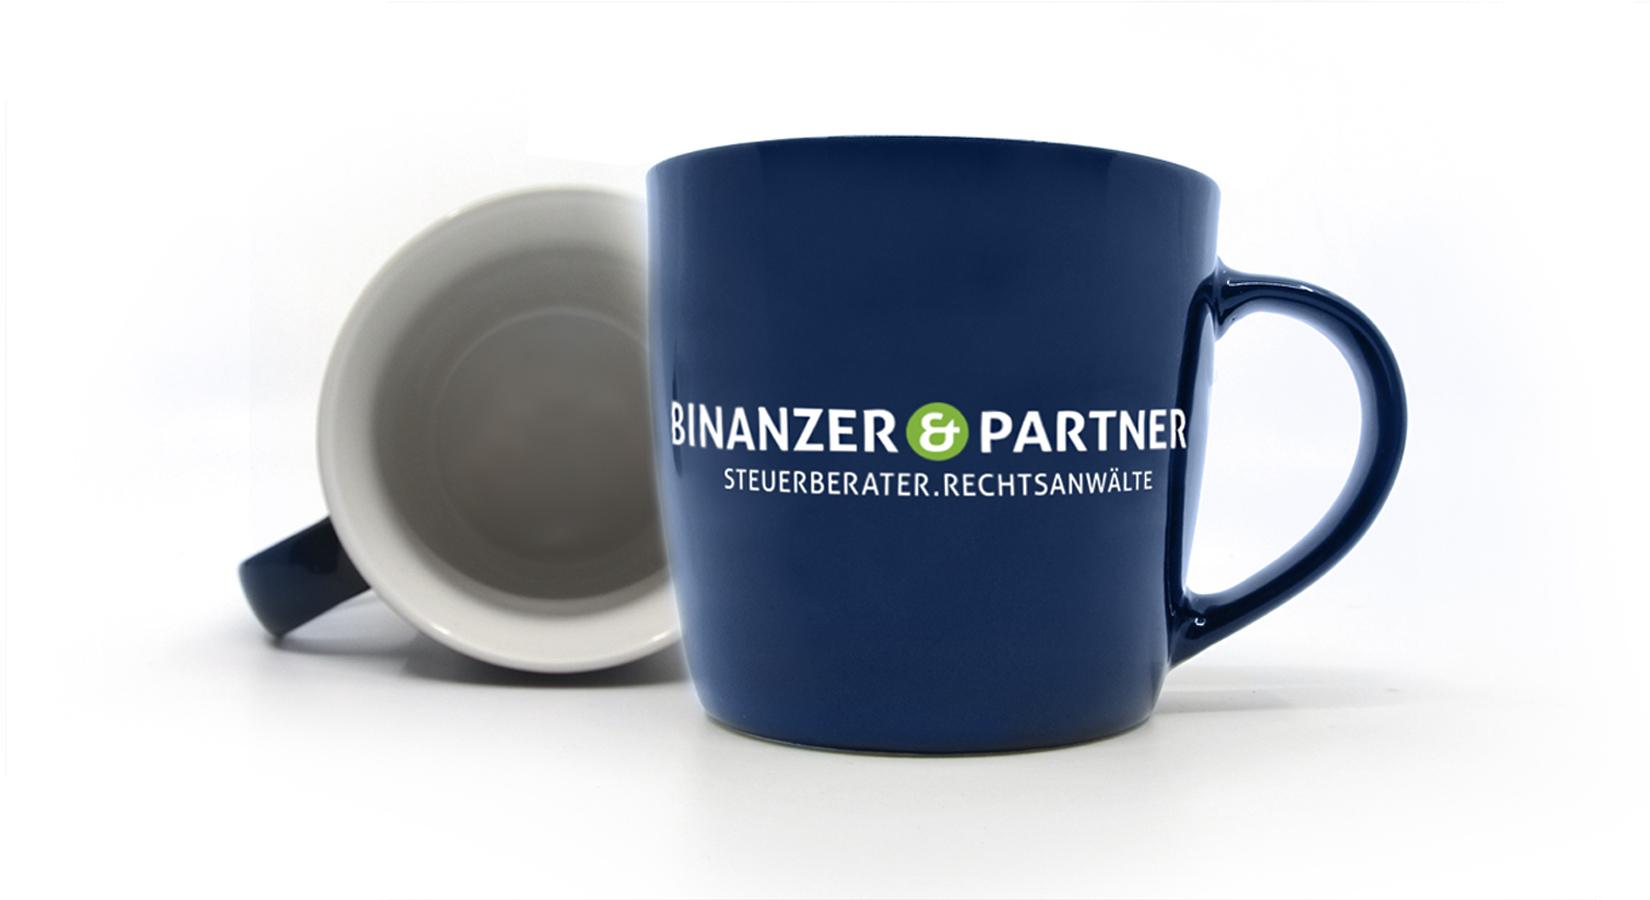 Tasse für Binanzer & Partner